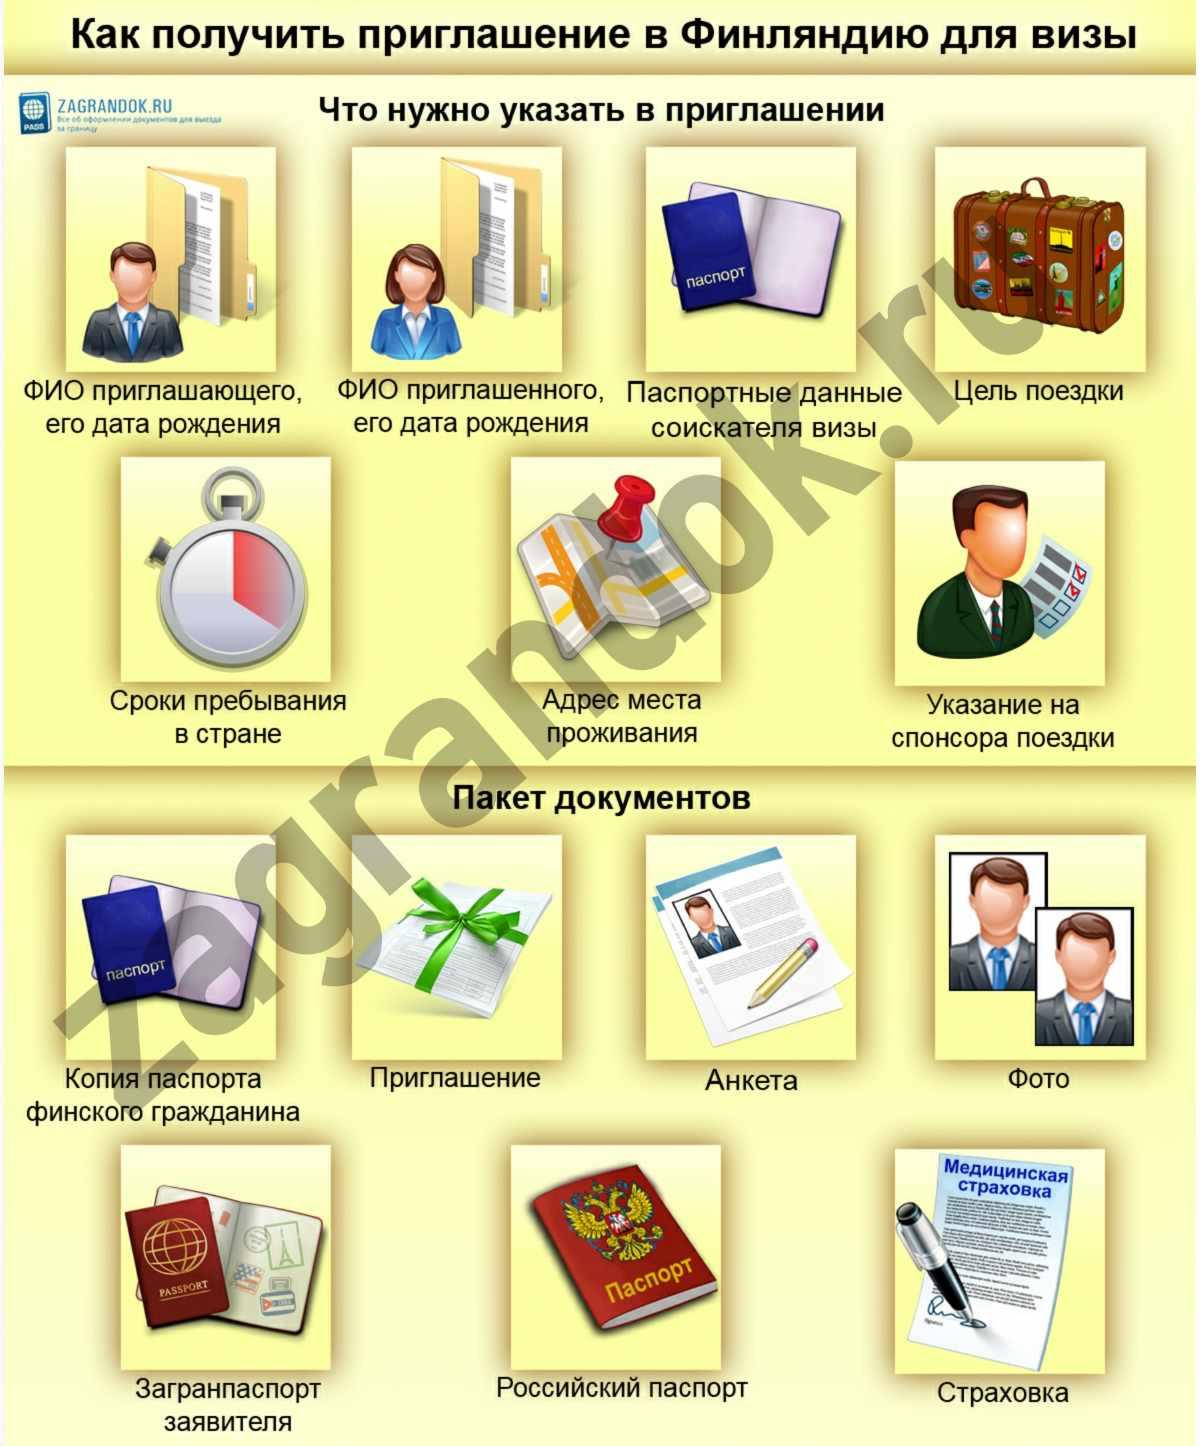 Как получить приглашение в Финляндию для визы